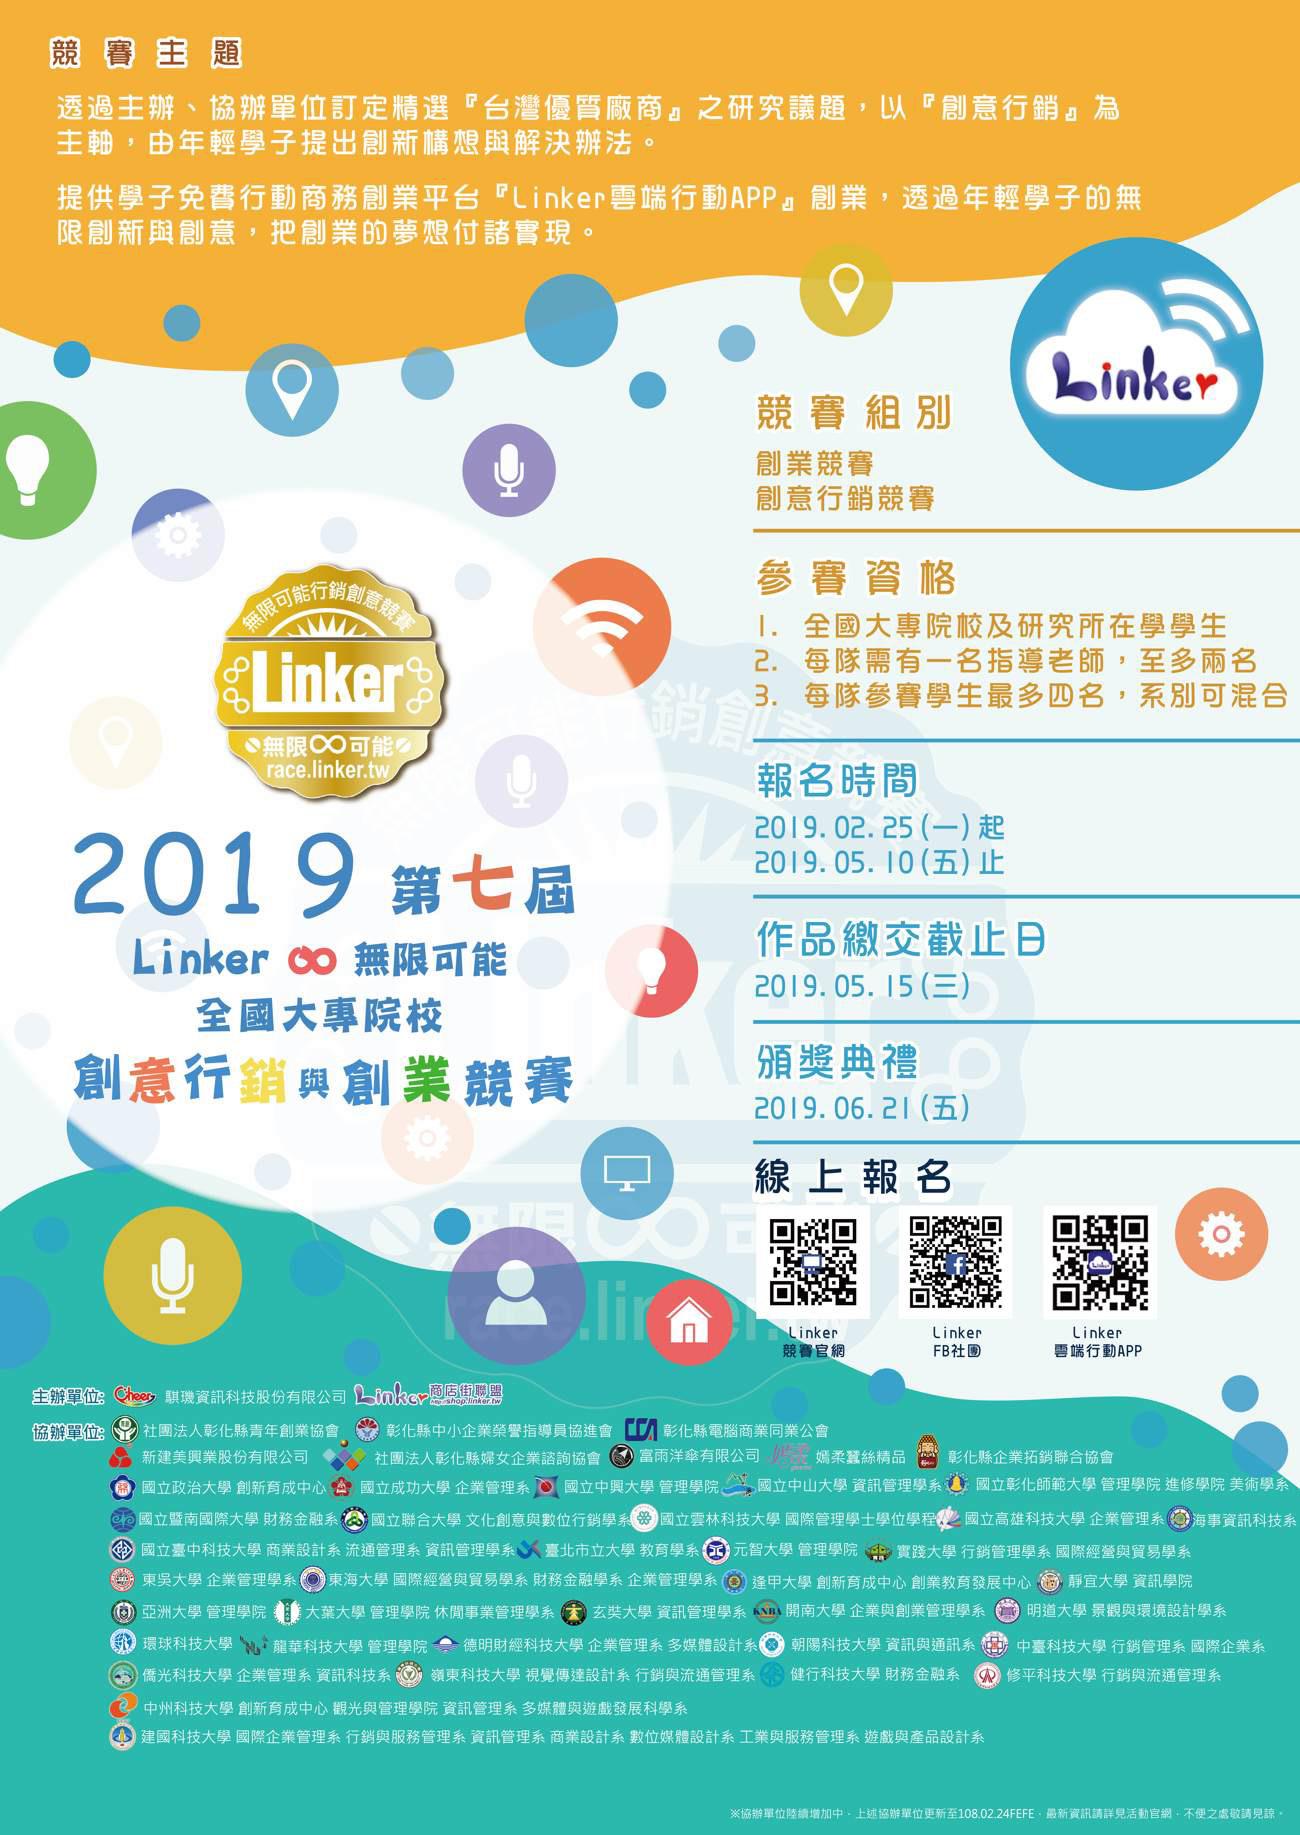 2019「Linker 無限可能」全國大專院校創意行銷與創業競賽